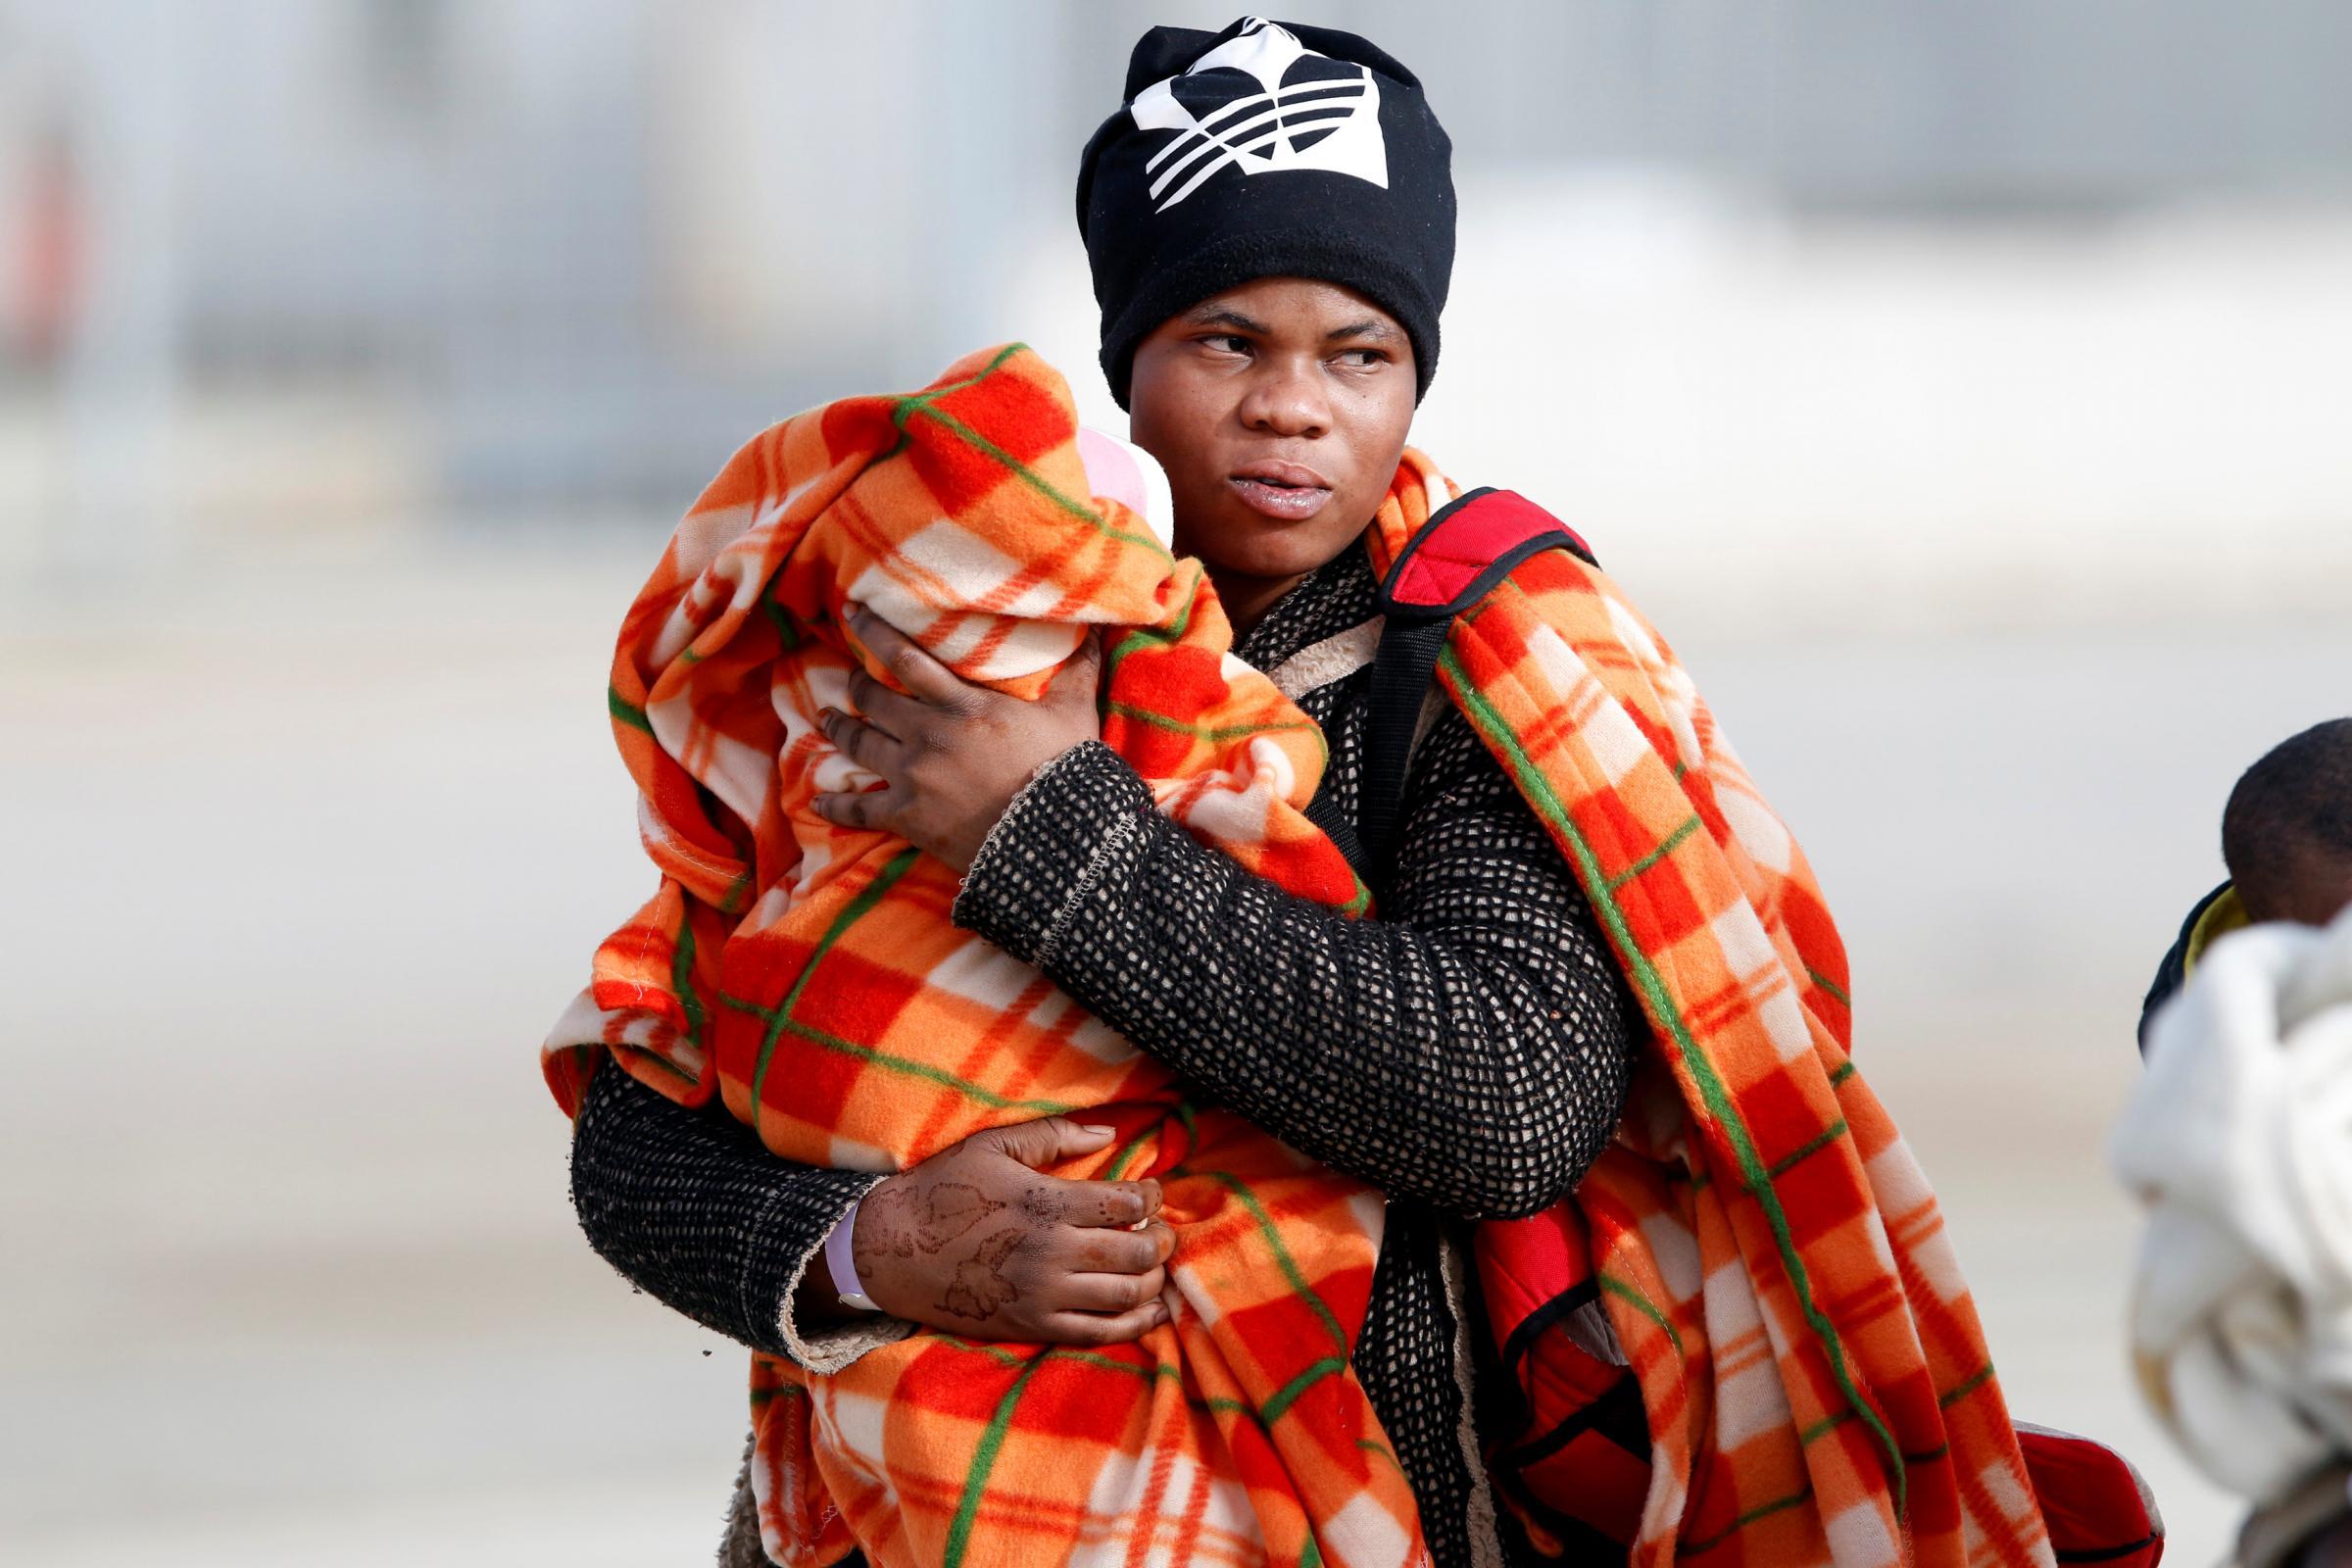 Migranti, la denuncia dell'Unicef: i minori subiscono violenze e abusi